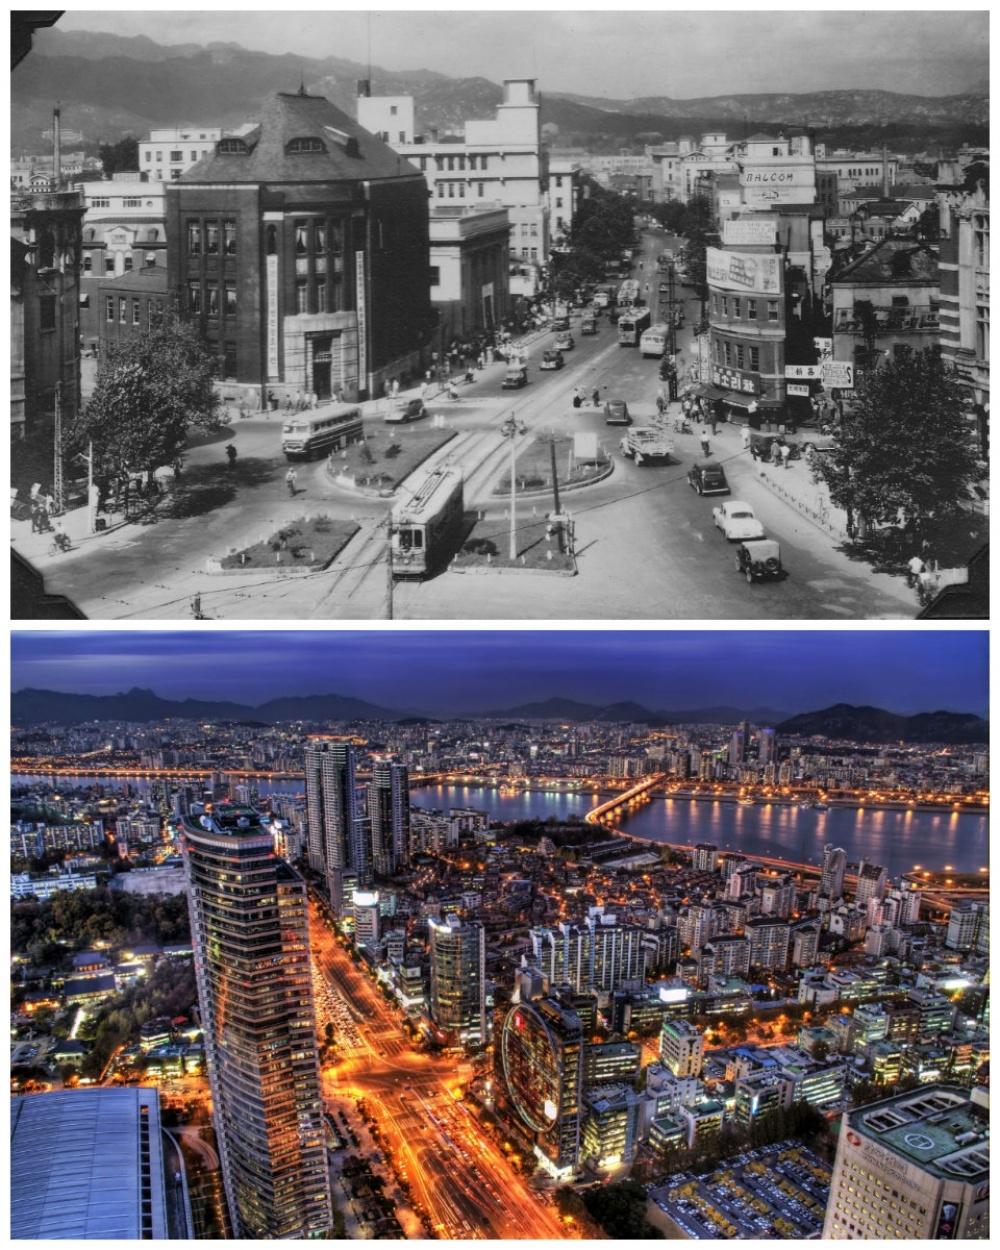 Yıllar İçinde Tanınmayacak Biçimde Değişen 10 Şehir galerisi resim 6